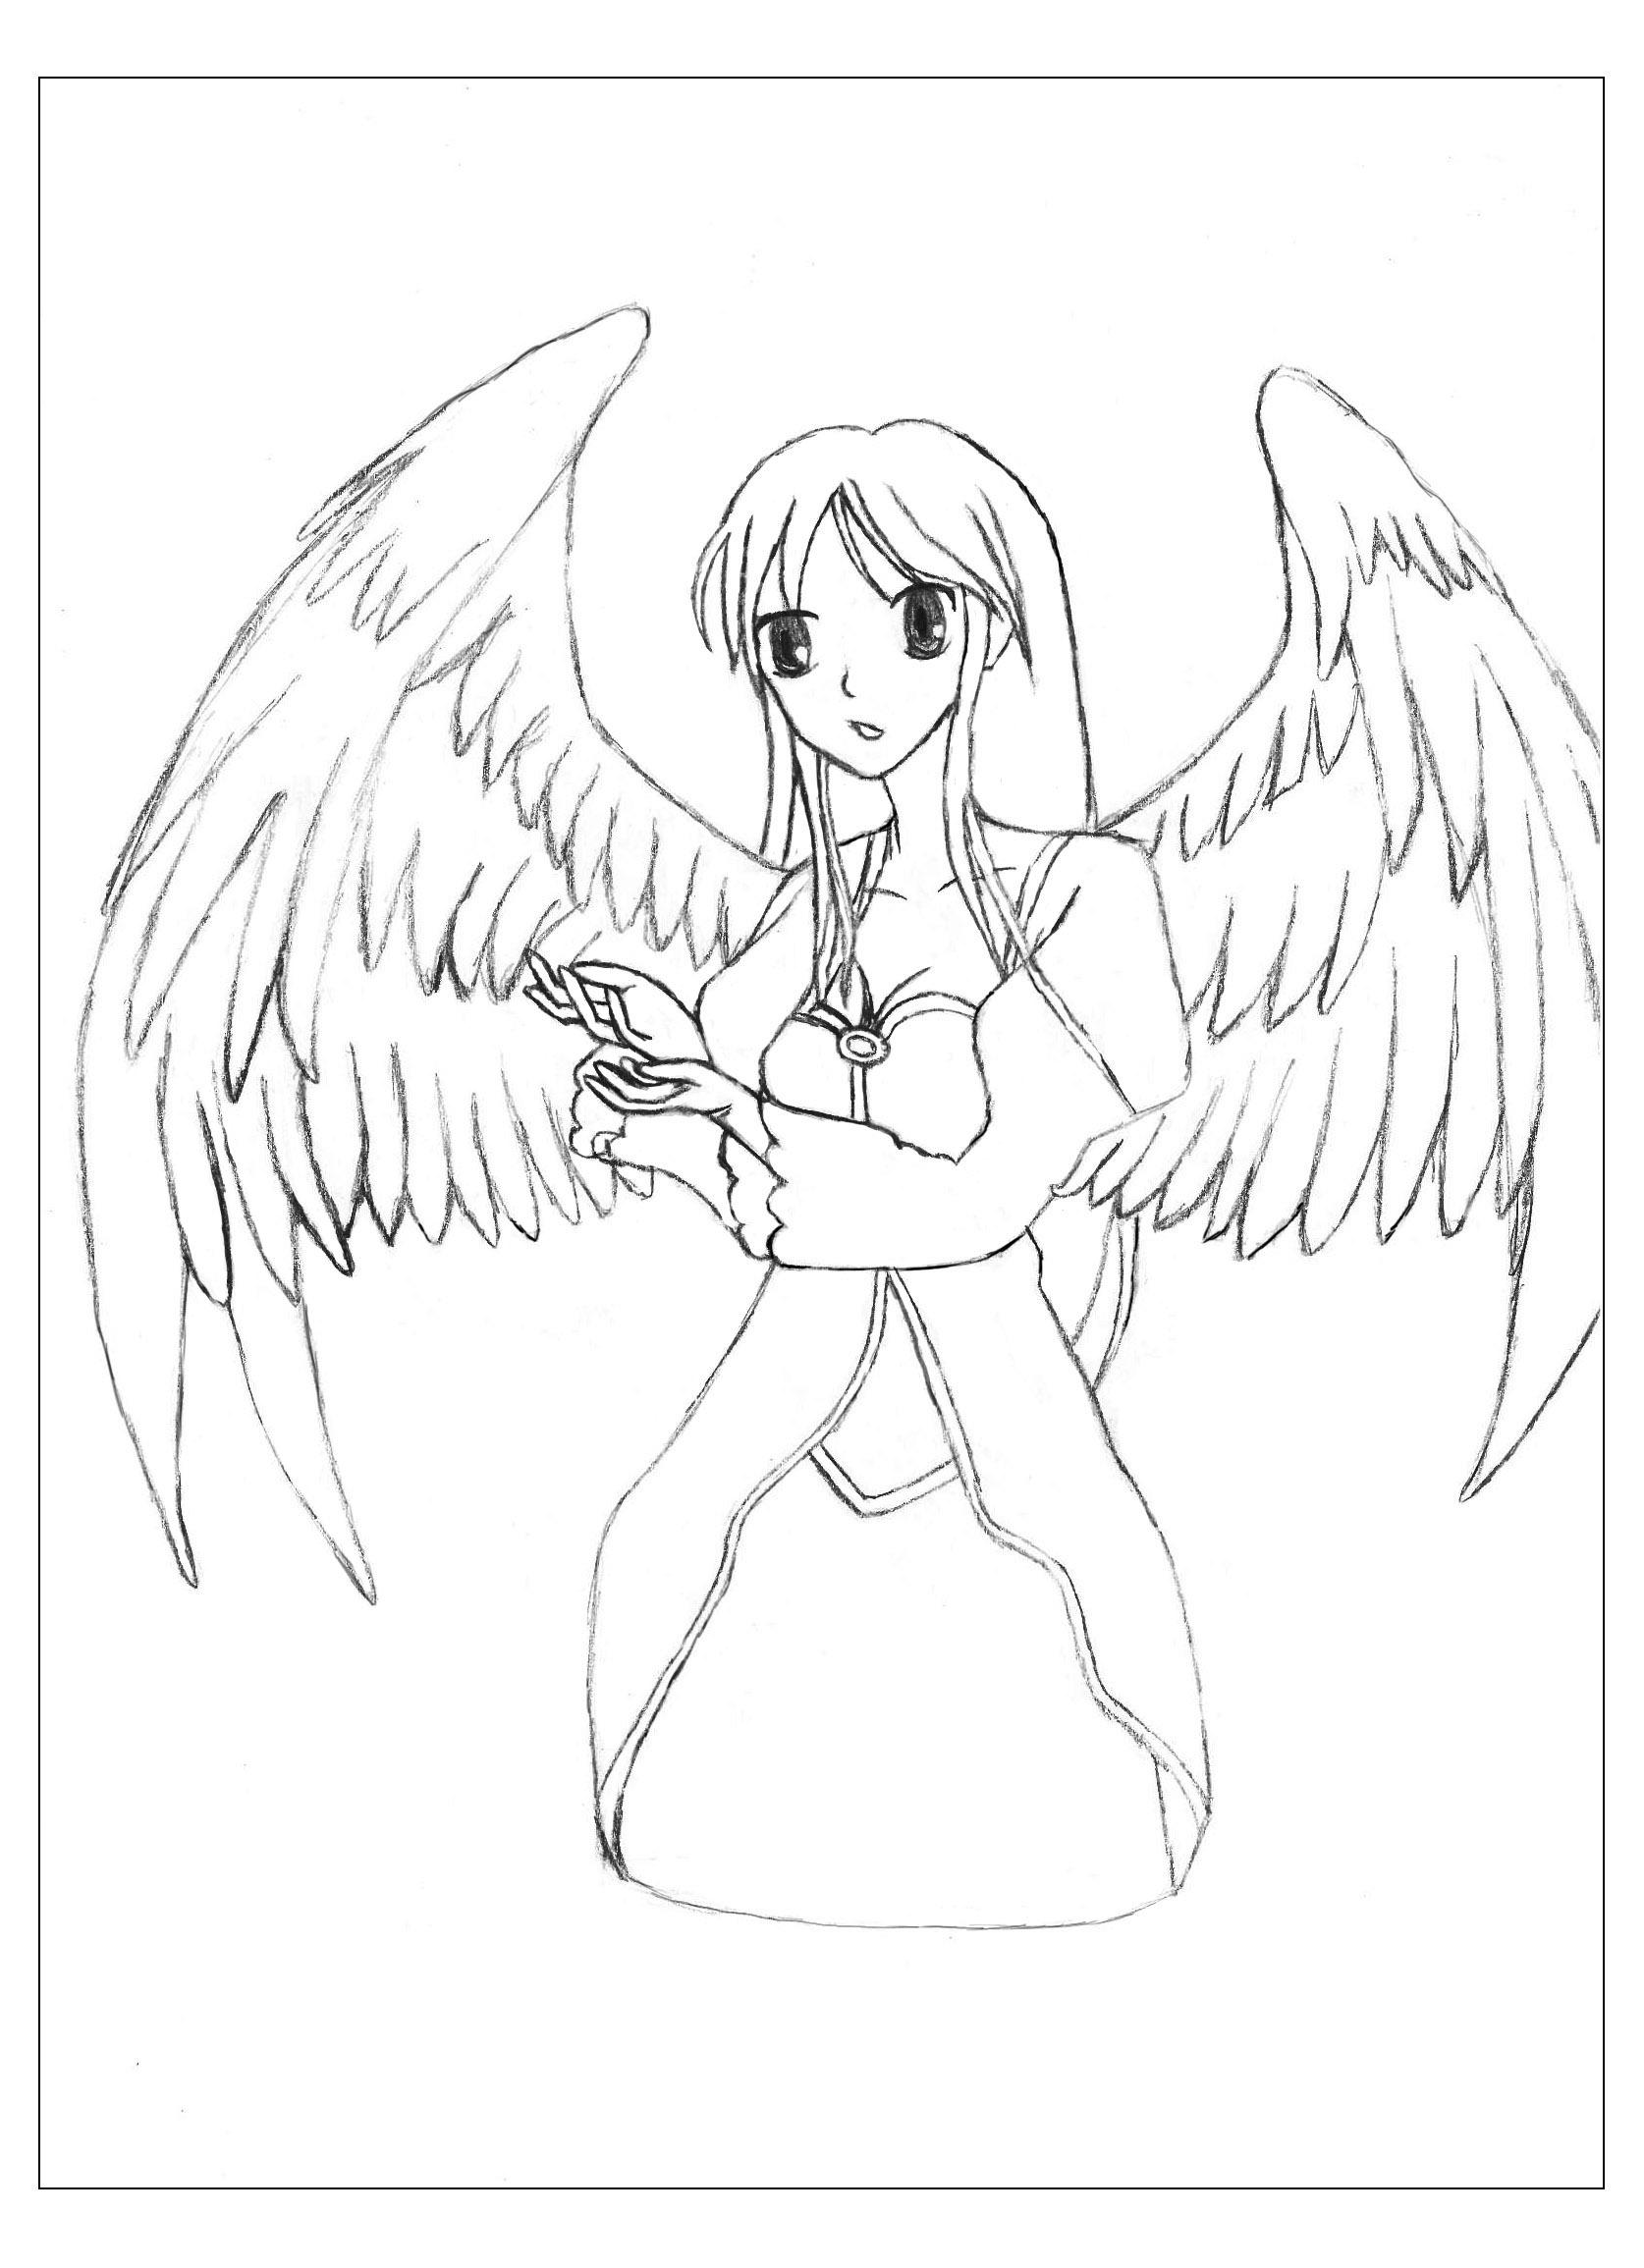 Km c454e 20160503155006 coloriage manga anim coloriages pour enfants - Site dessin manga ...